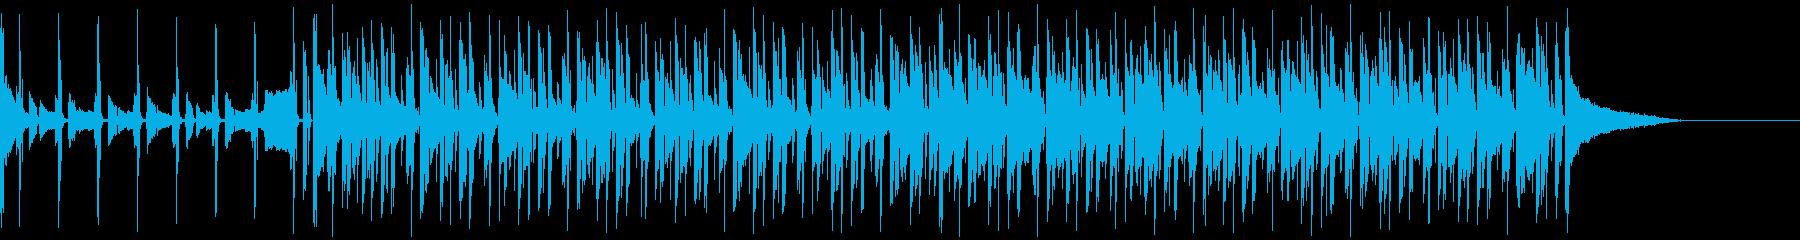 チル系エレクトロビートの再生済みの波形